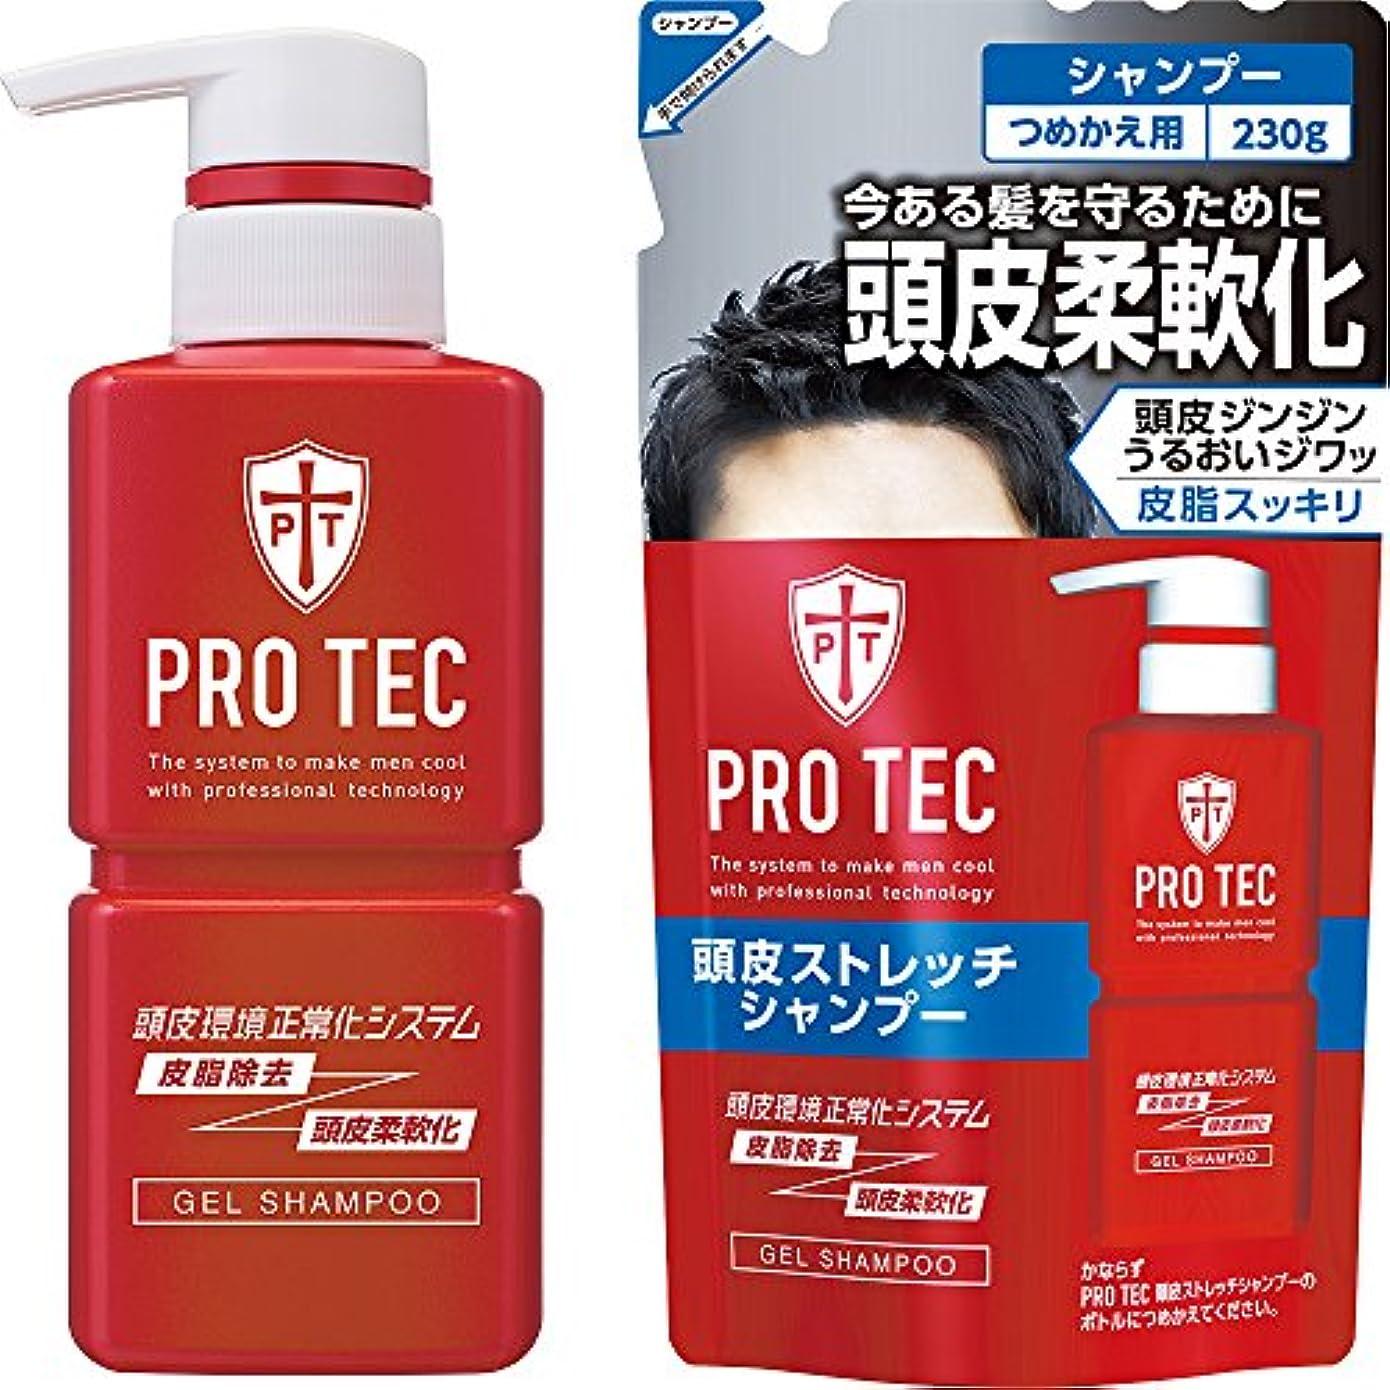 摂動振幅欠伸PRO TEC(プロテク) 頭皮ストレッチシャンプー 本体ポンプ300g+詰め替え230g セット(医薬部外品)